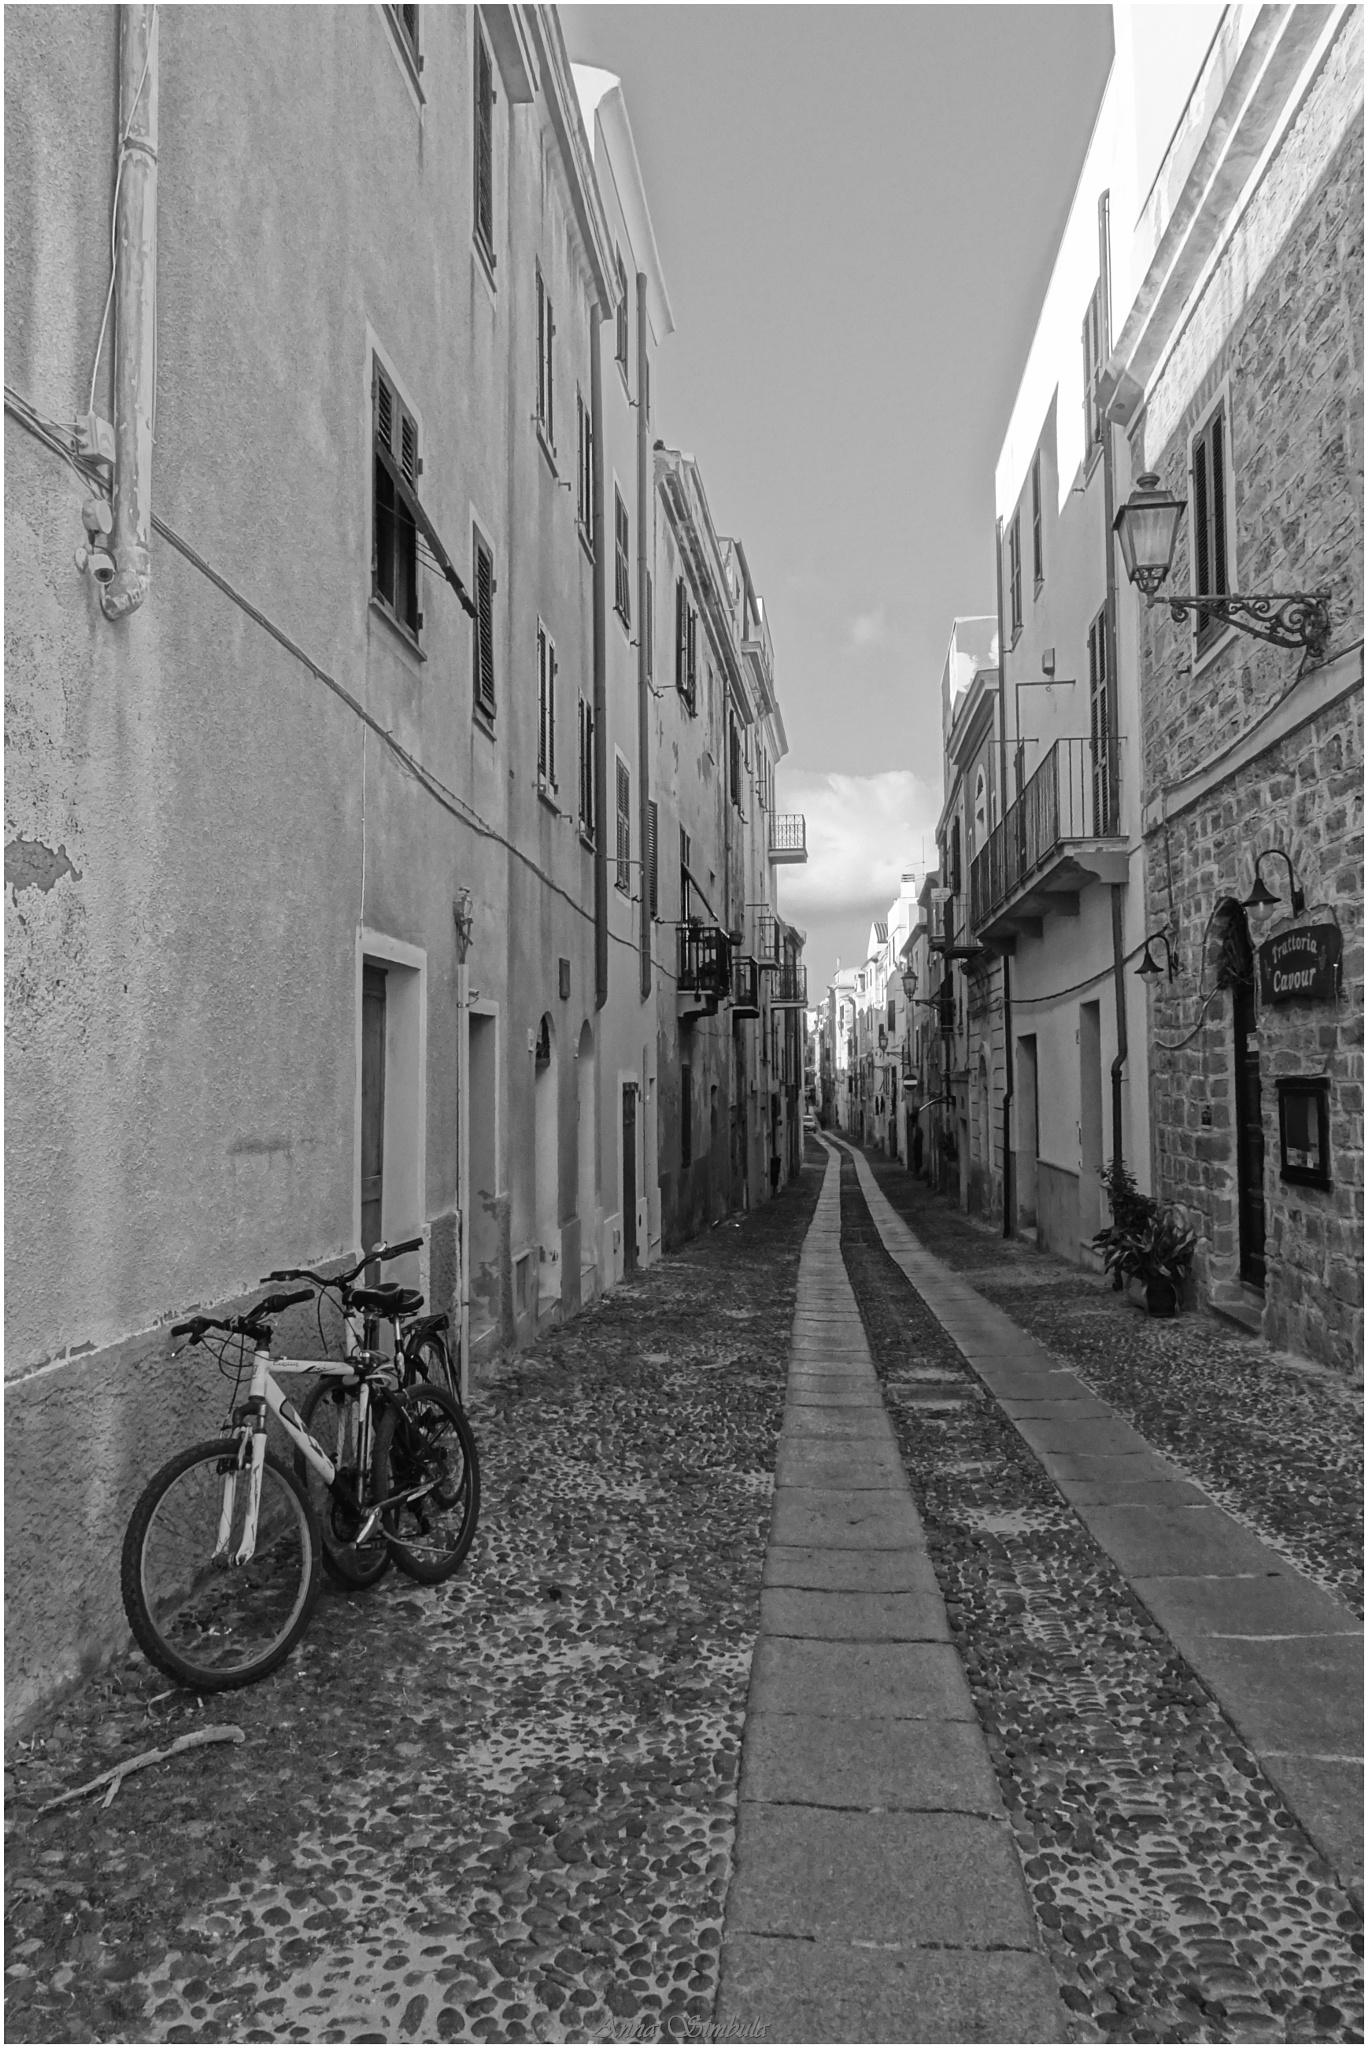 Street   Alghero                (Sardinia) by annasimb